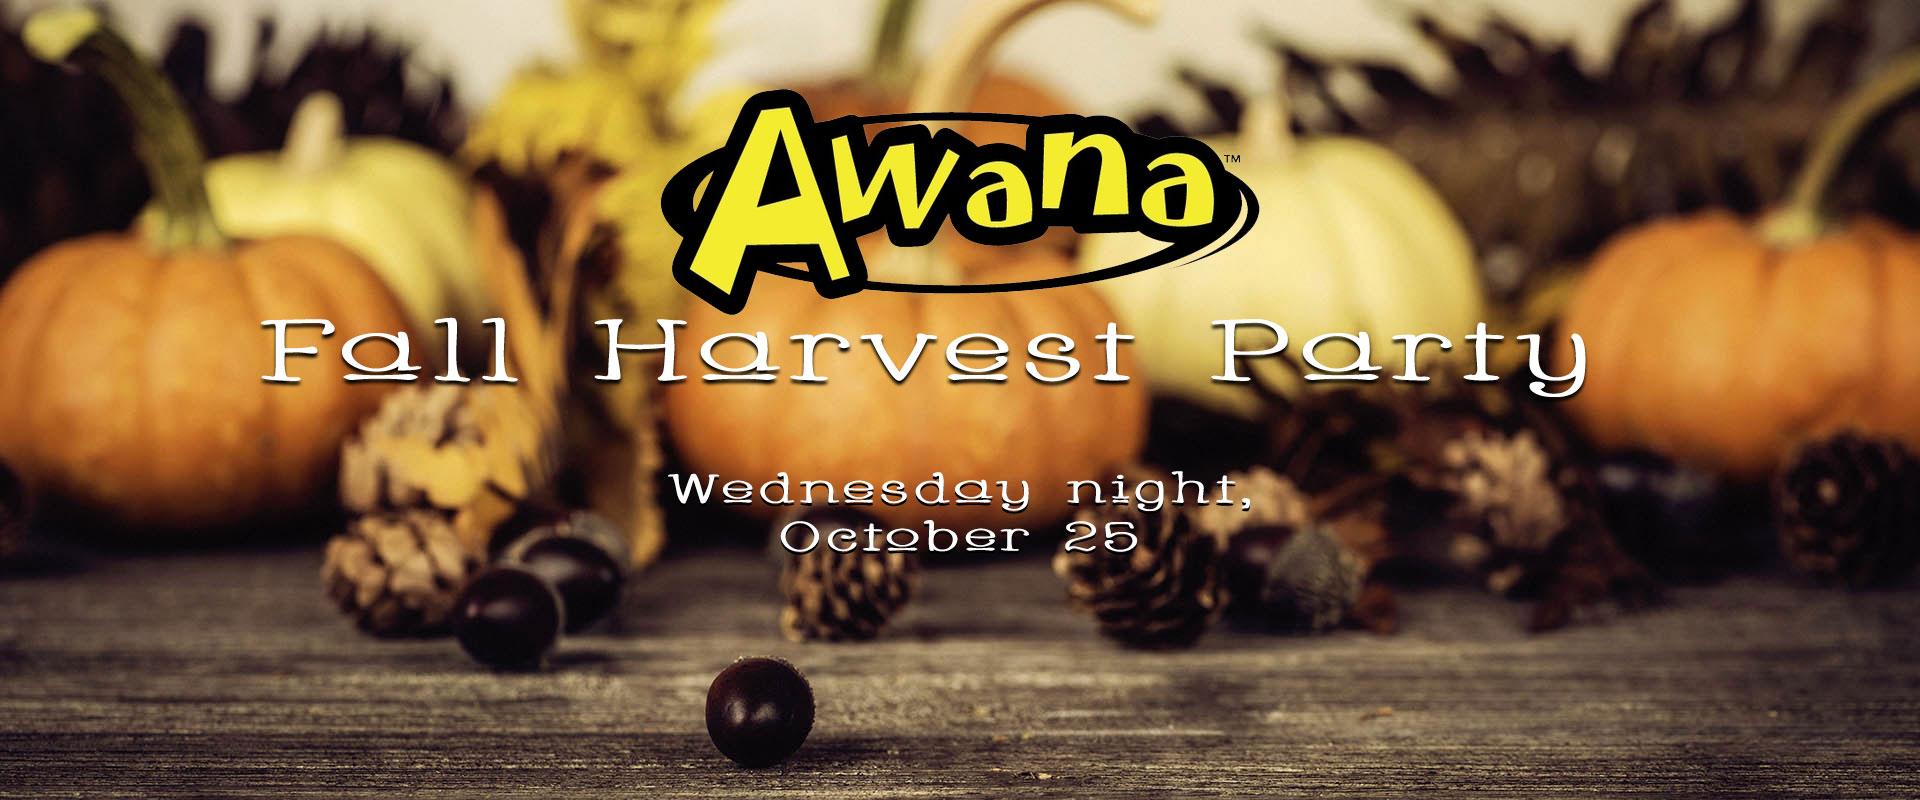 awana fall harvest dexter gospel church slide image